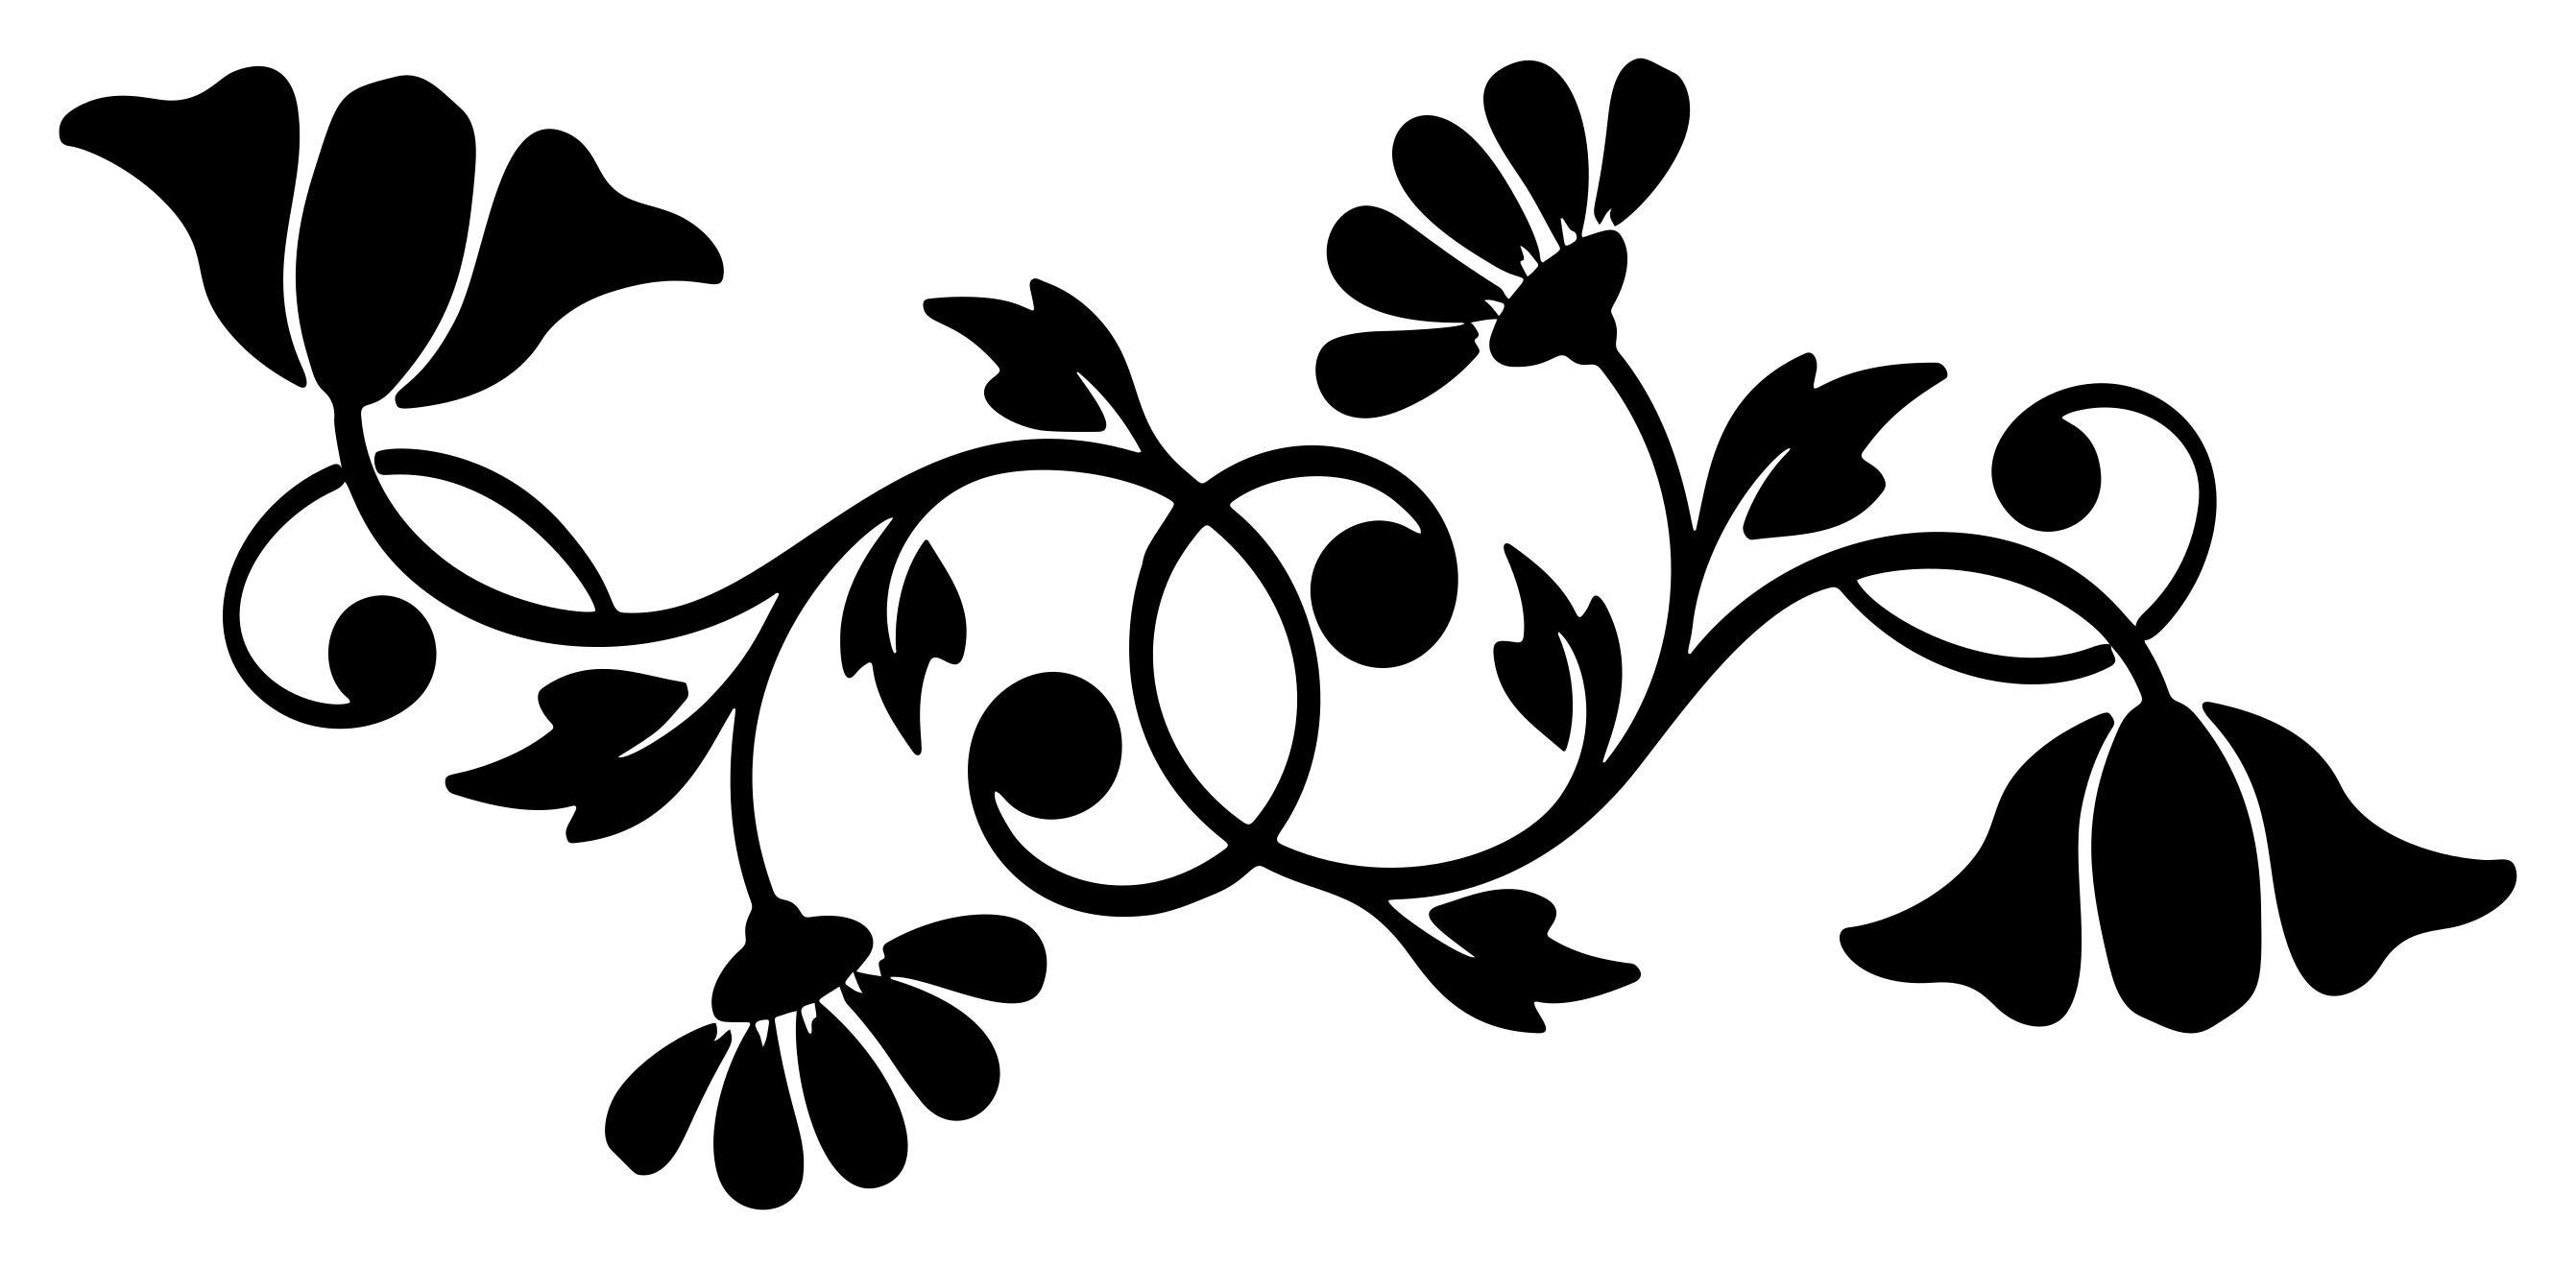 2683x1321 Floral Motif Silhouette Clipart